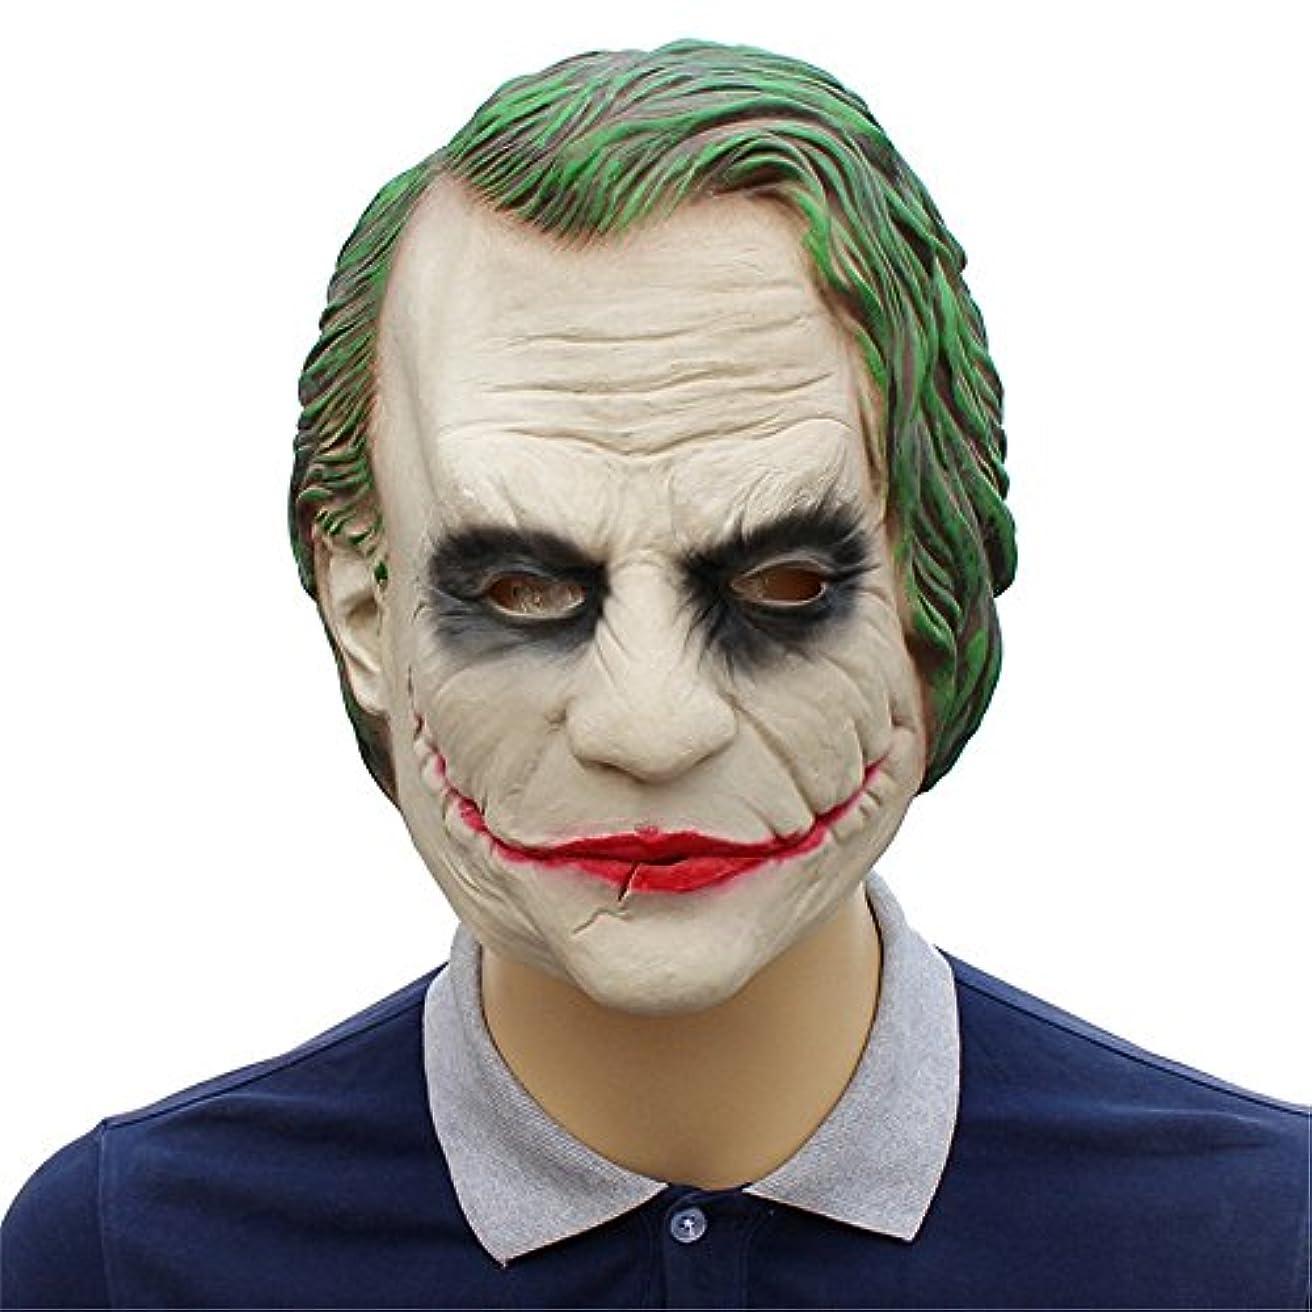 シンプルさバブル警察ハロウィーンバットマンピエロマスクラテックスヘッドギアダークナイトマスク